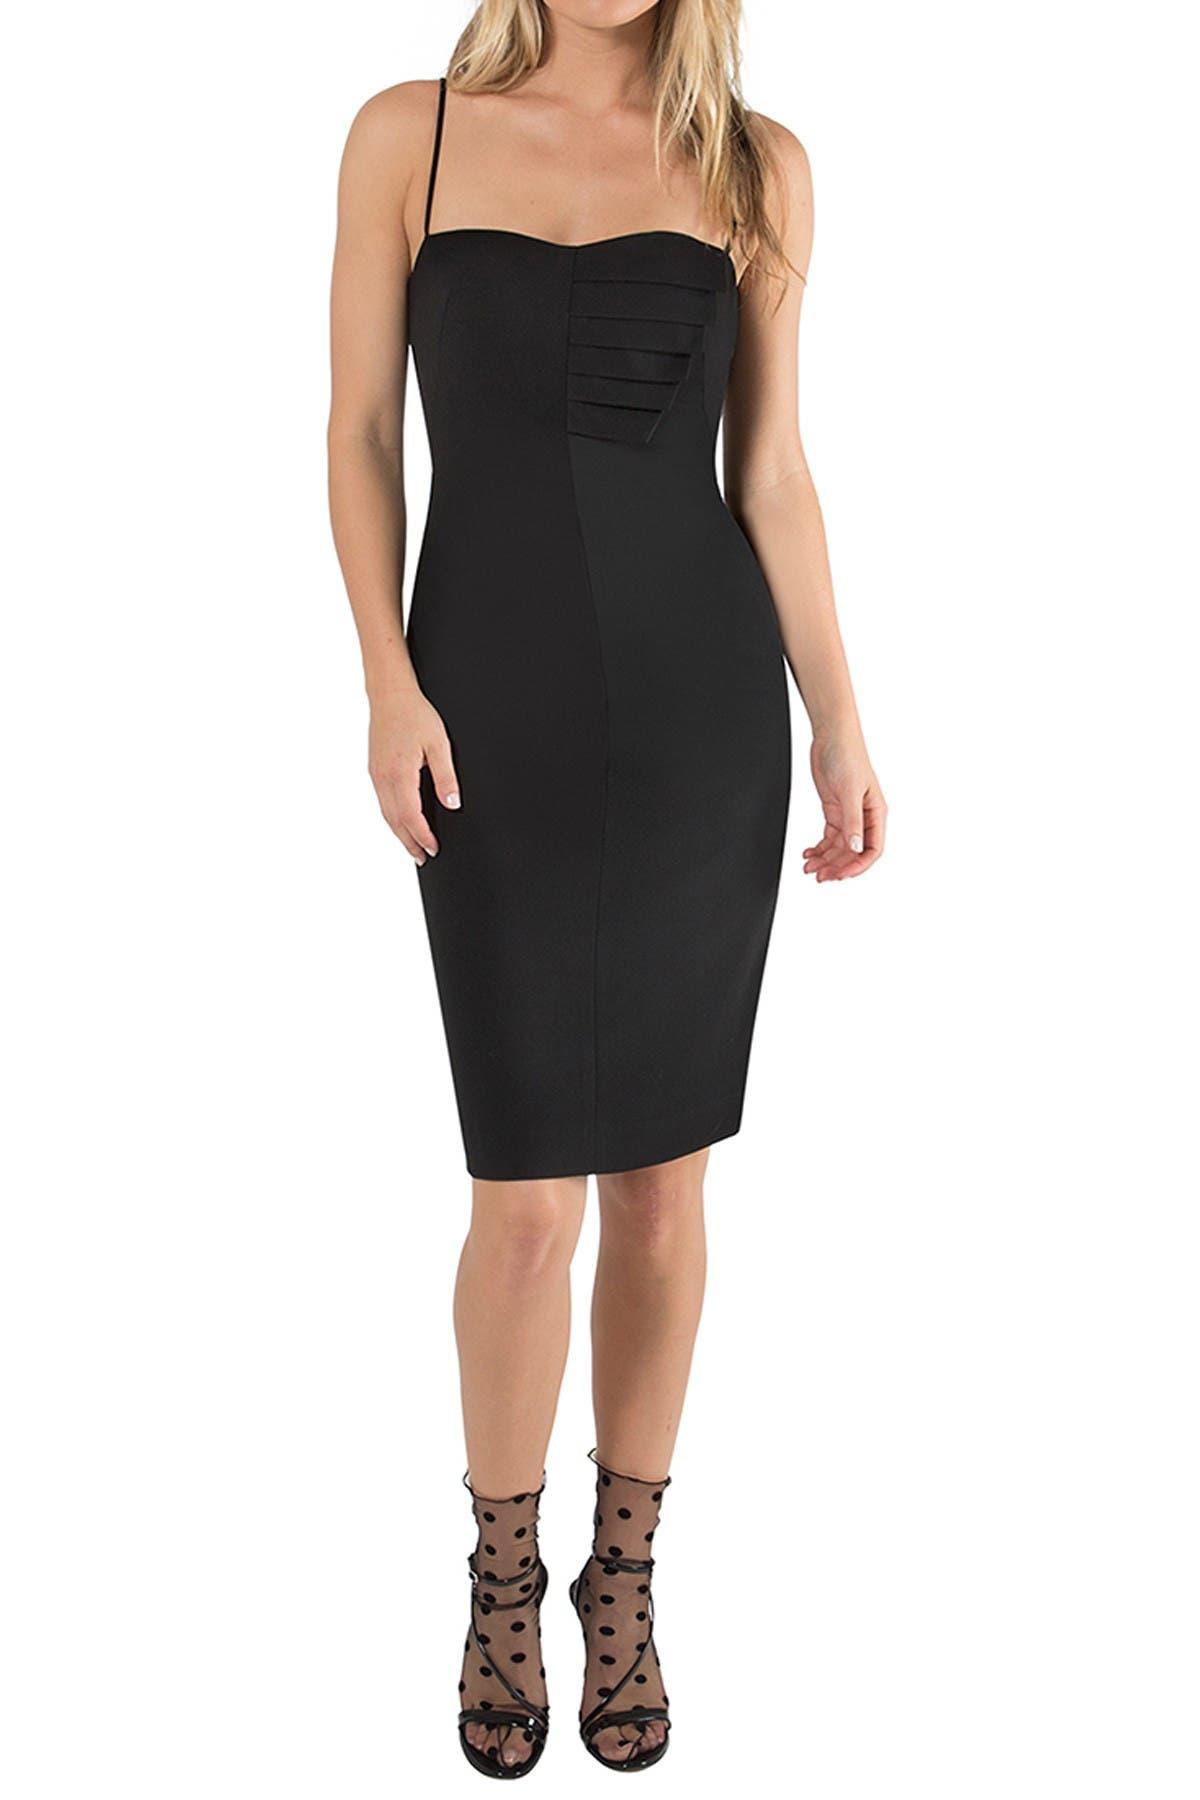 Image of Black Halo Akeno Sheath Dress